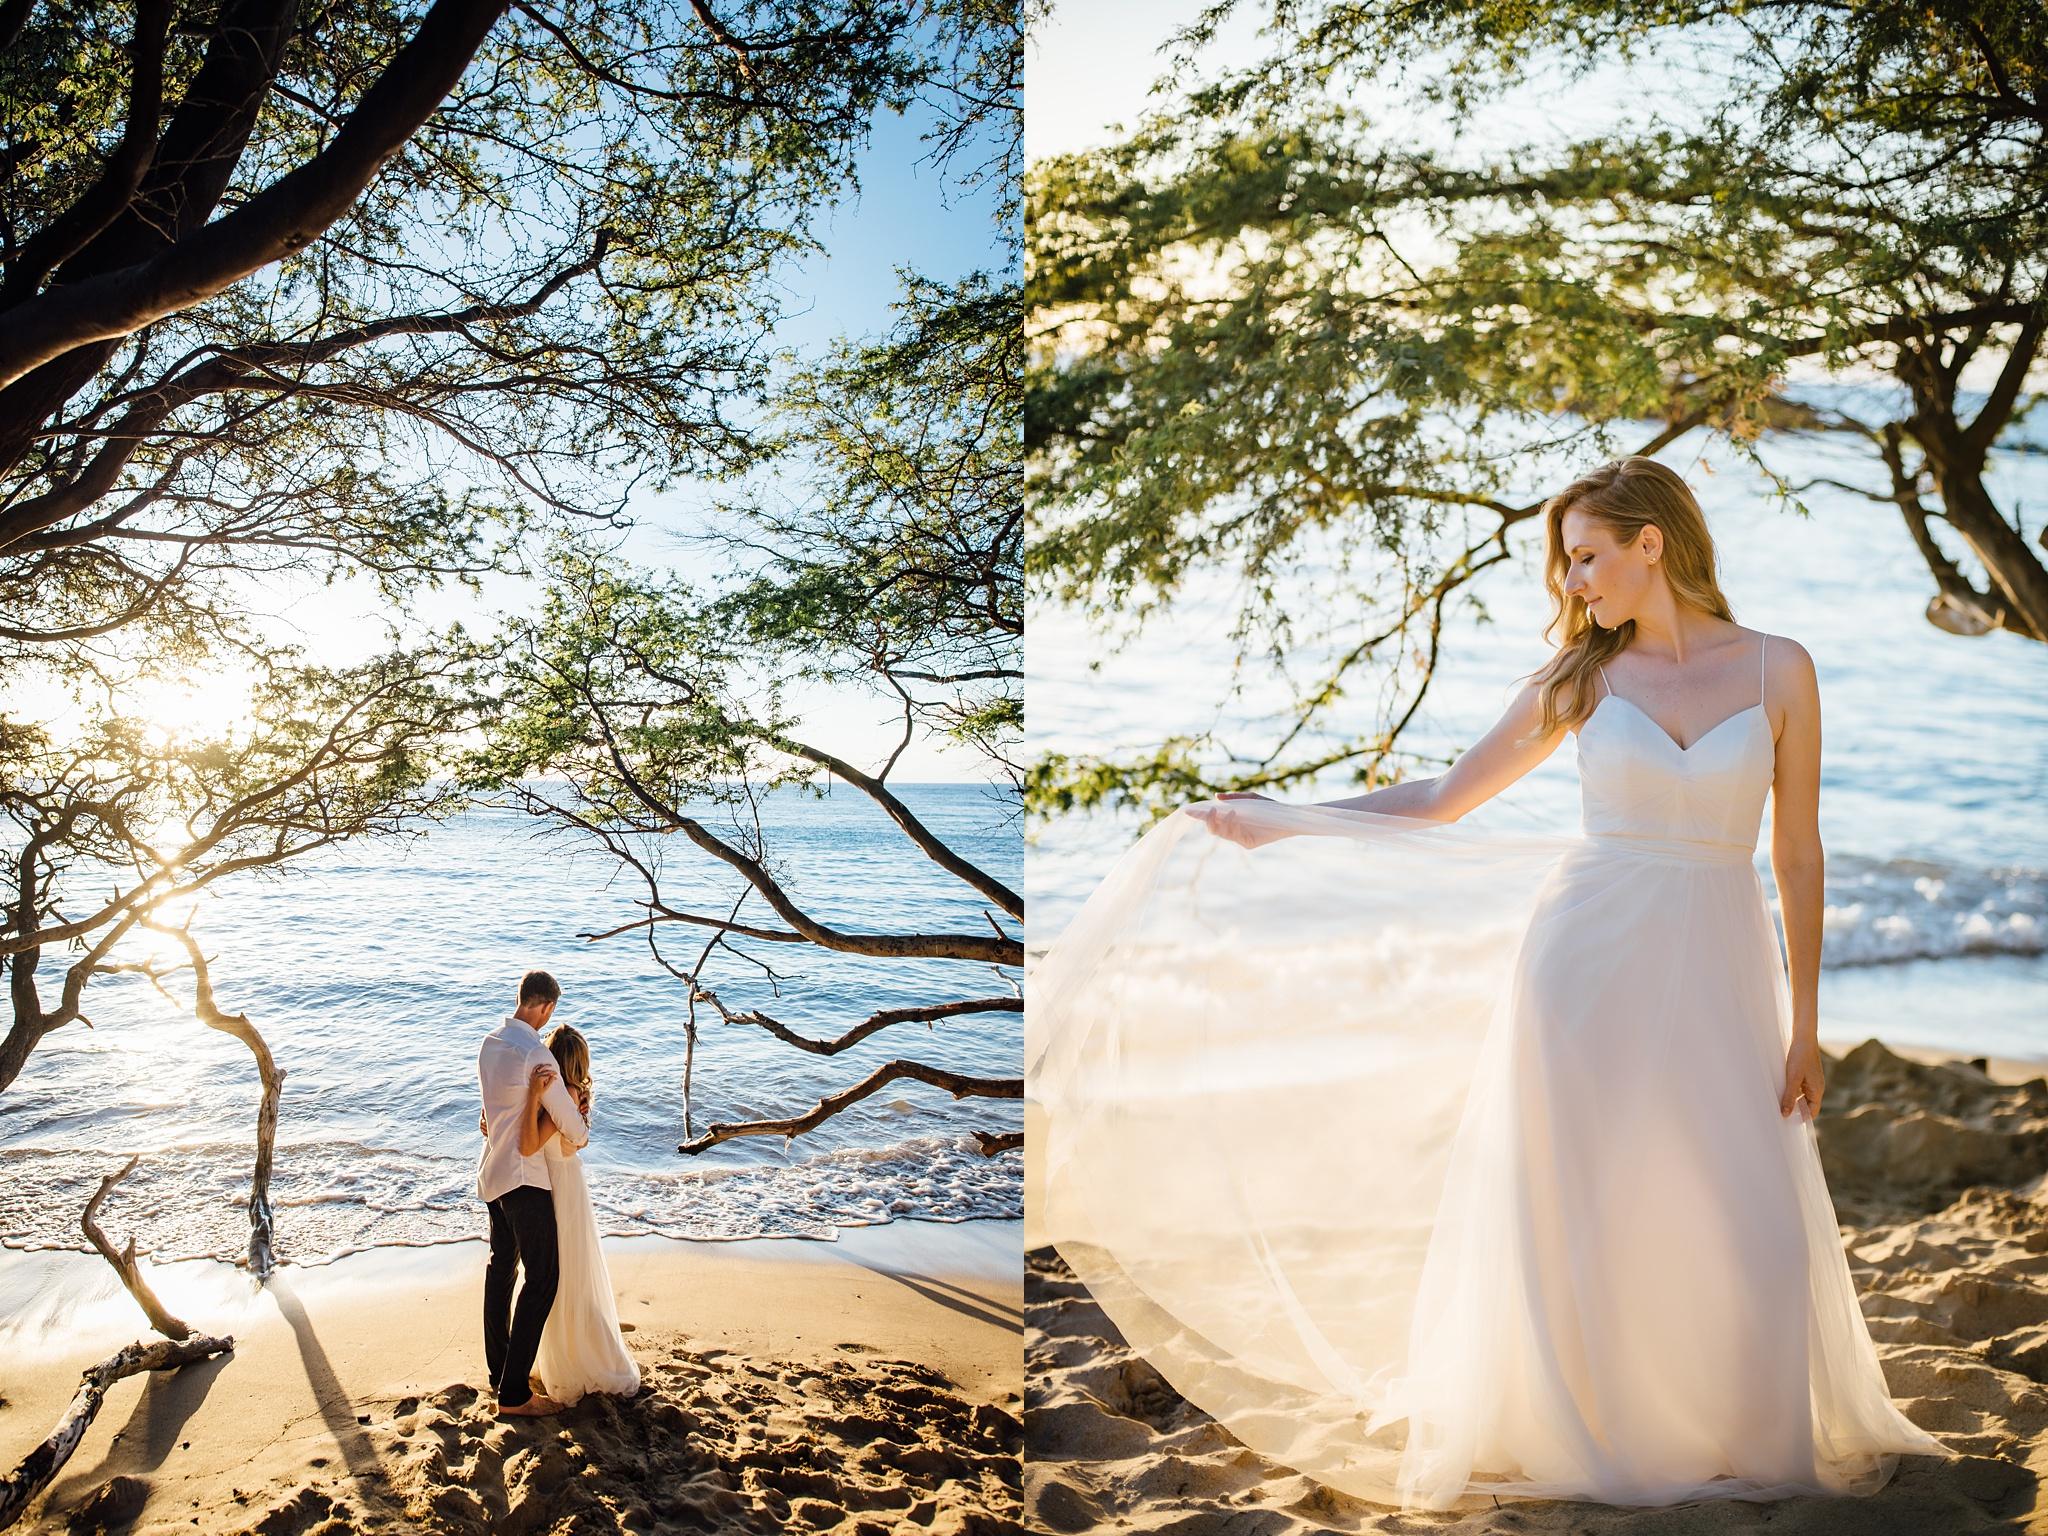 bridal portraits during a hawaii elopement